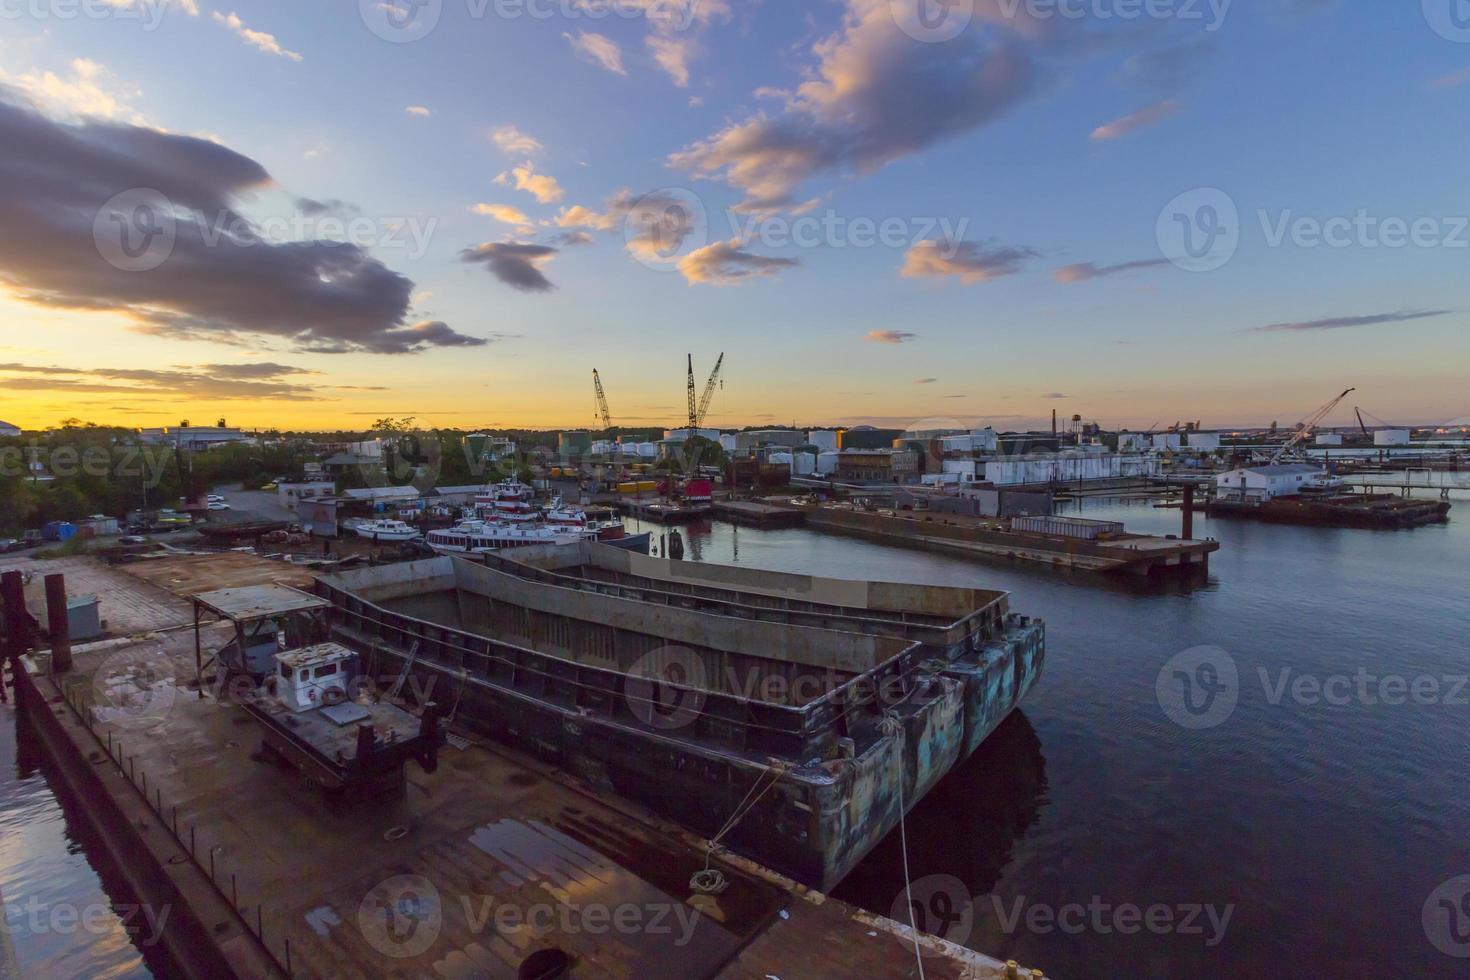 varv vid curtis creek i baltimore, md vid solnedgången foto